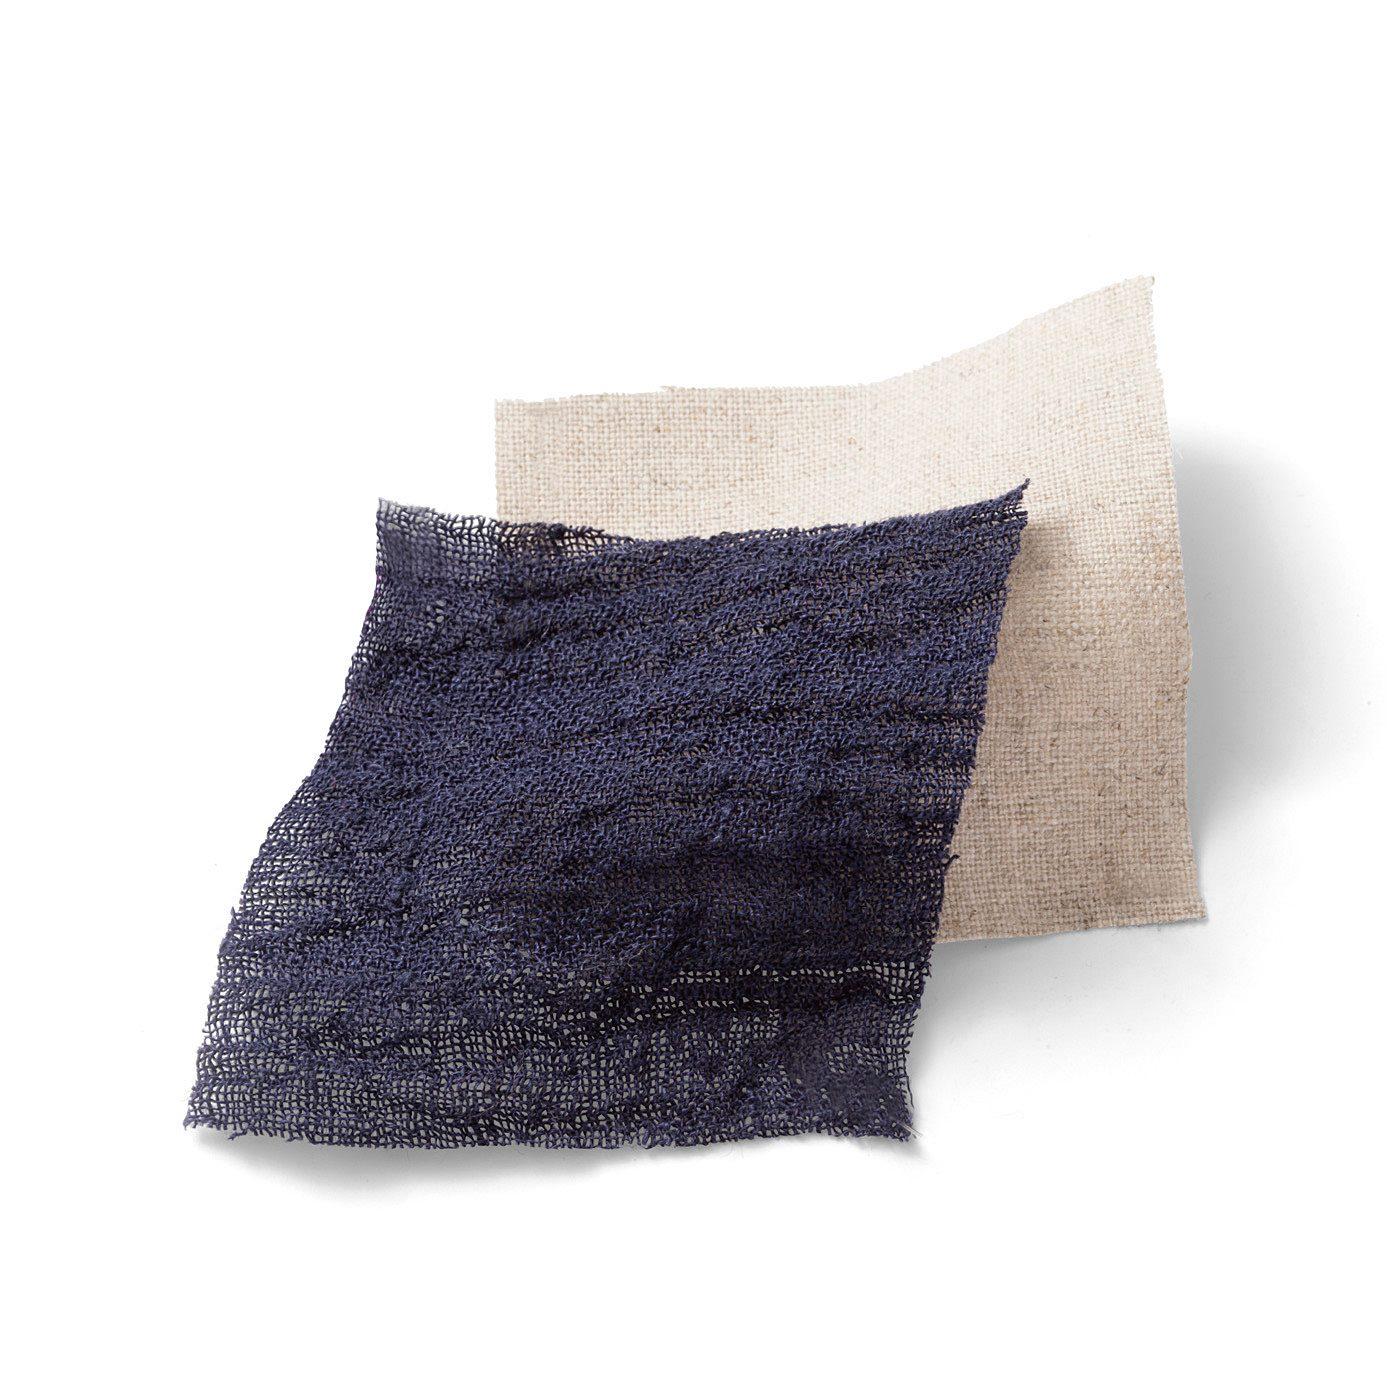 見た目も涼やかな通気性にすぐれた綿麻素材。